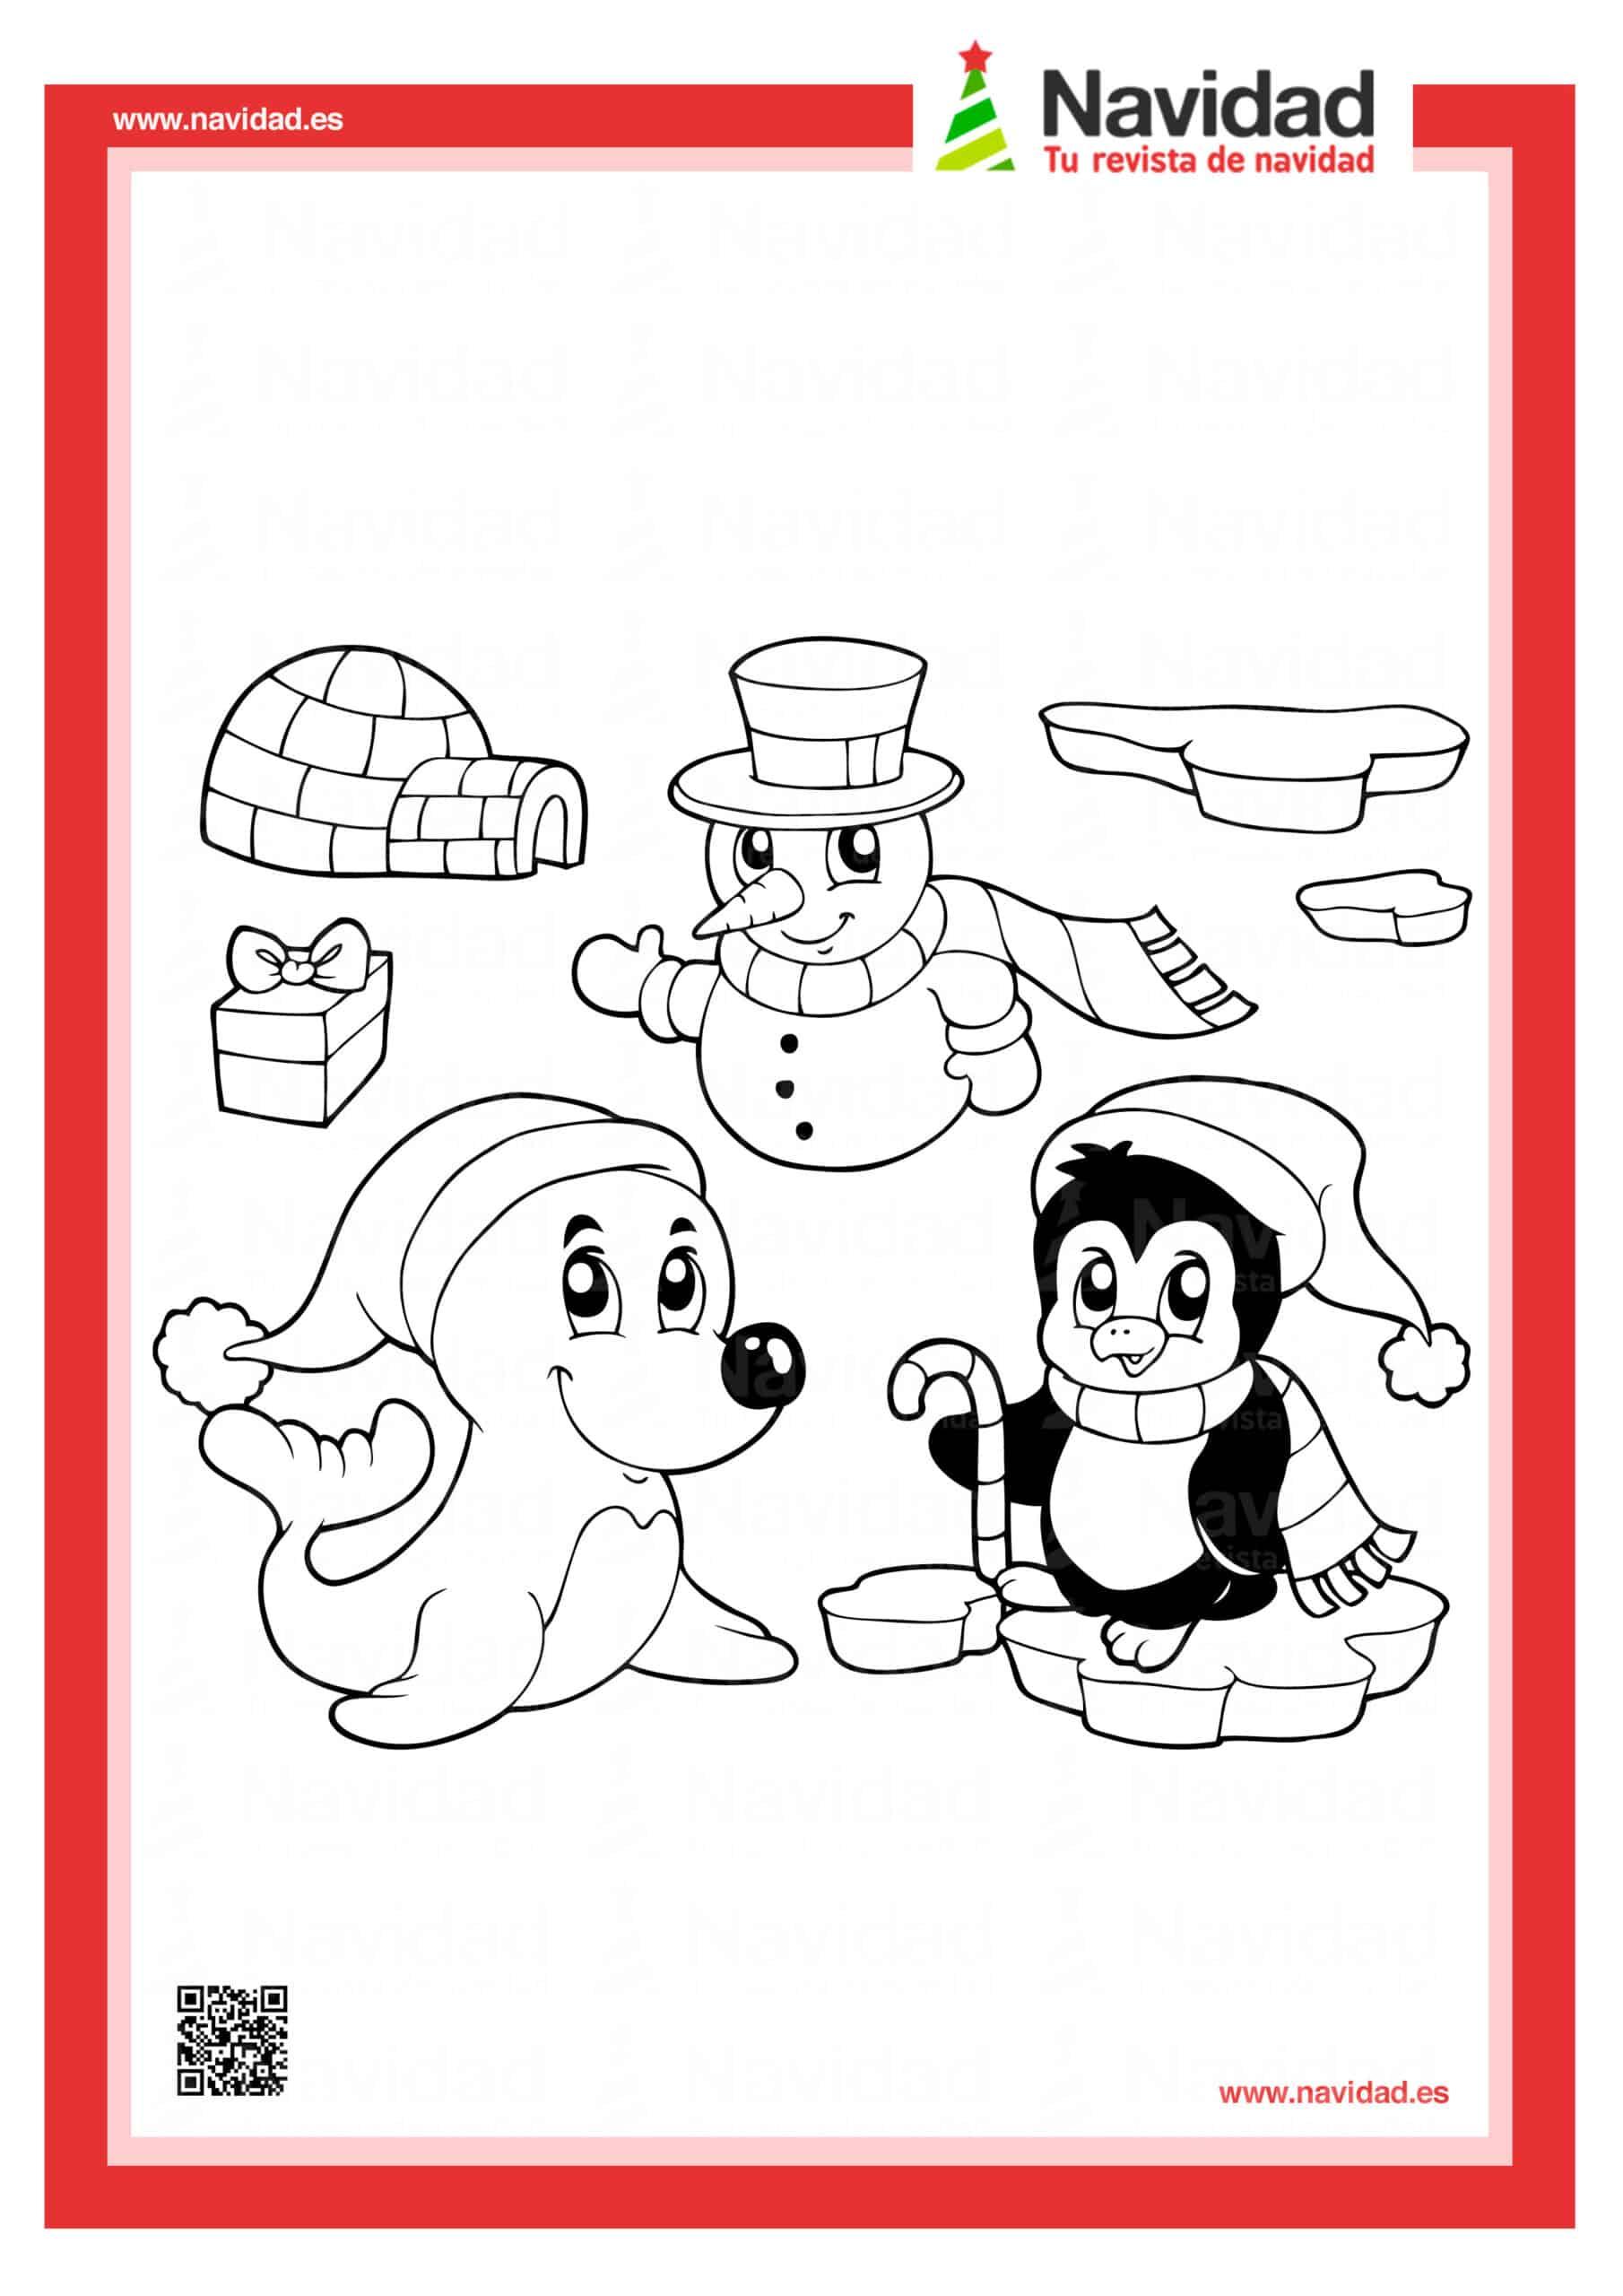 Dibujos navideños para colorear con los hijos